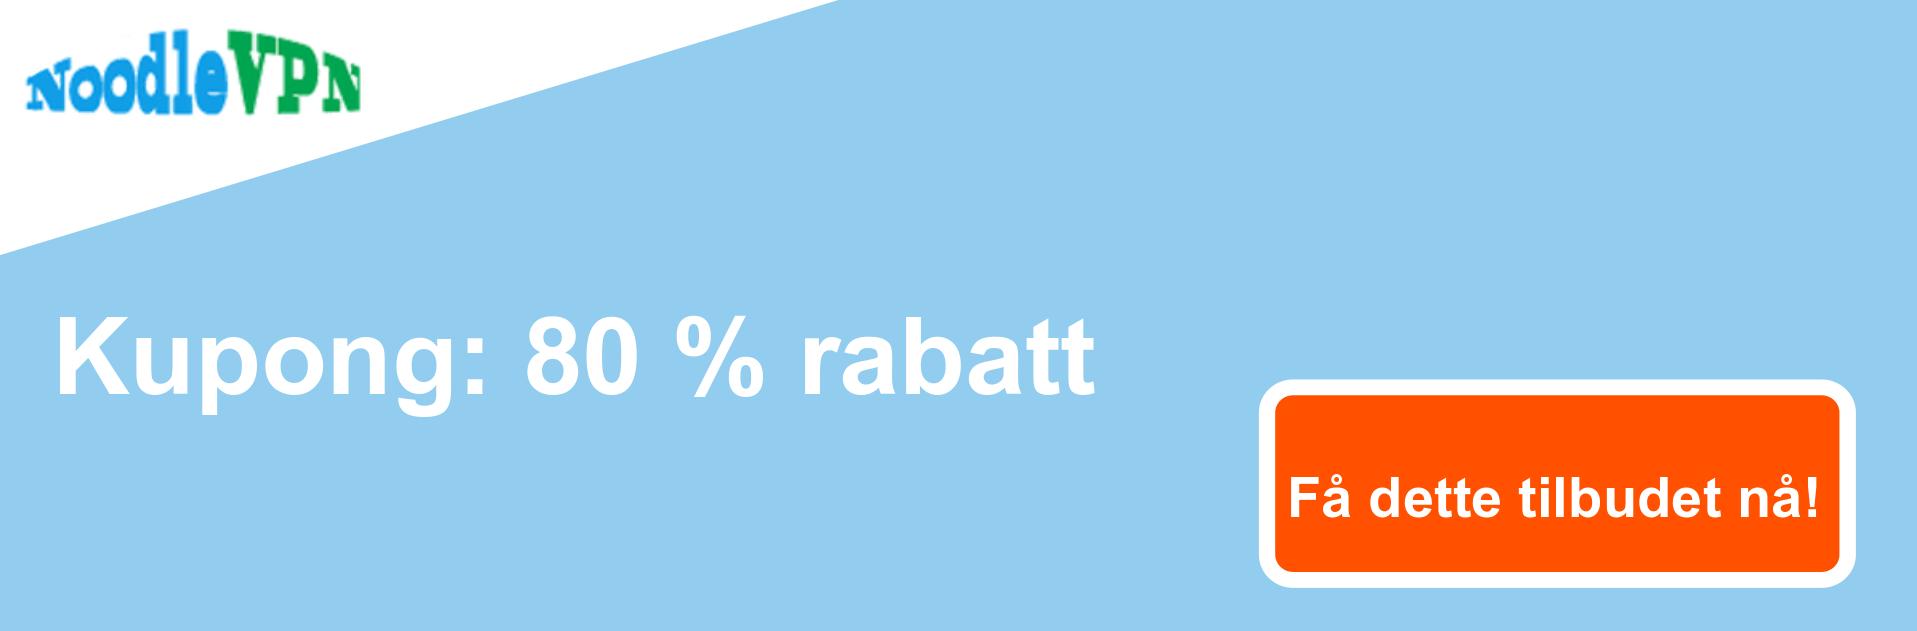 NoodleVPN-kupongbanner - 80% avslag